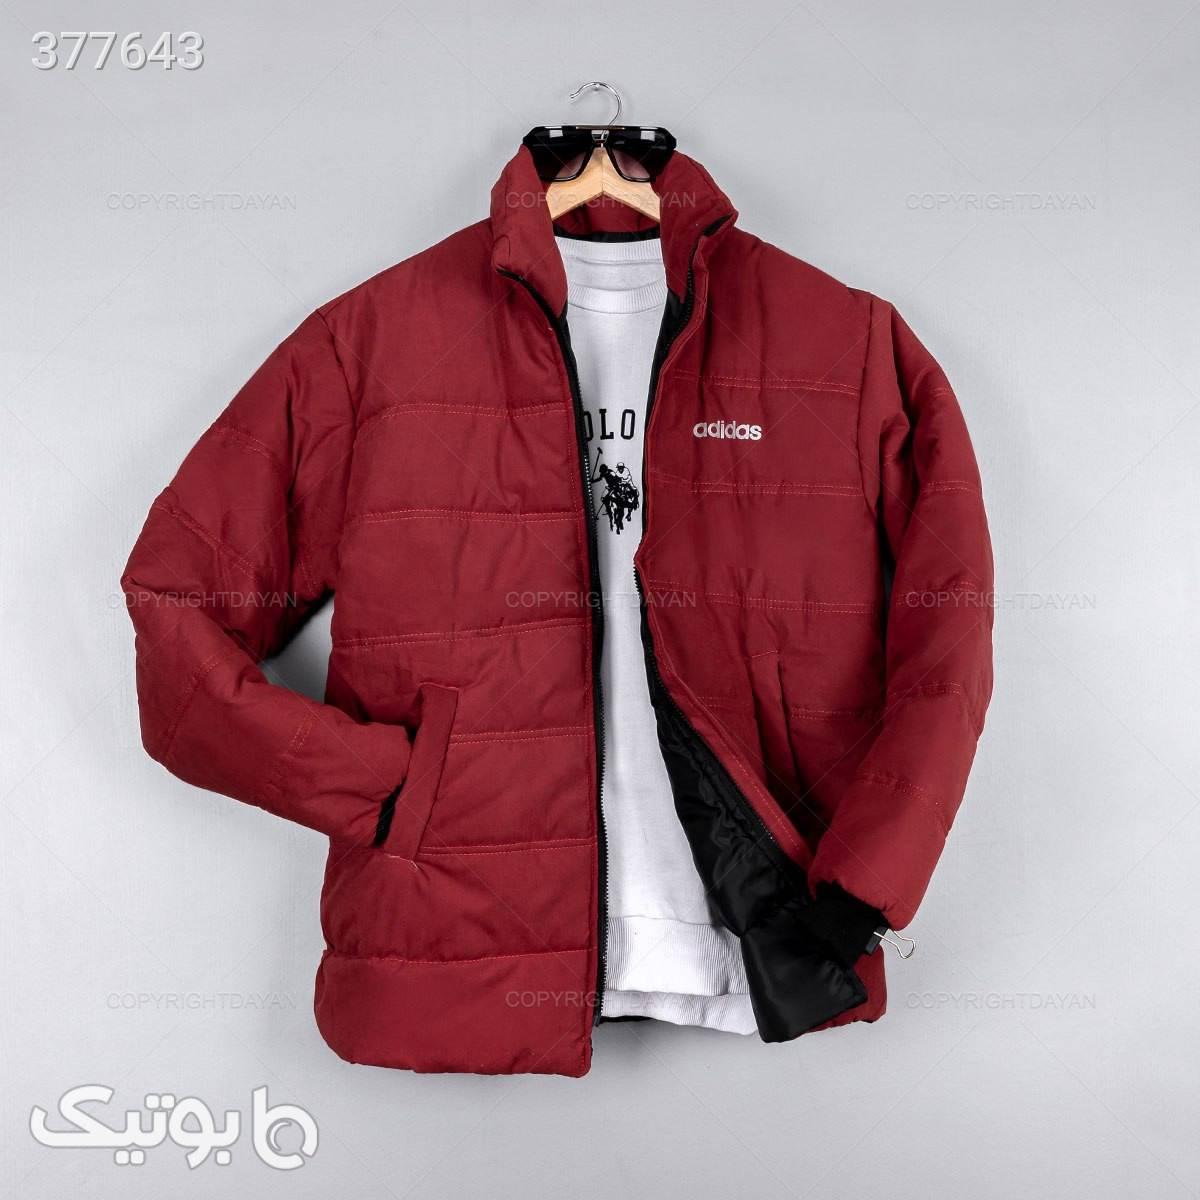 کاپشن مردانه Adidas مدل 11714 مشکی کاپشن و بارانی مردانه